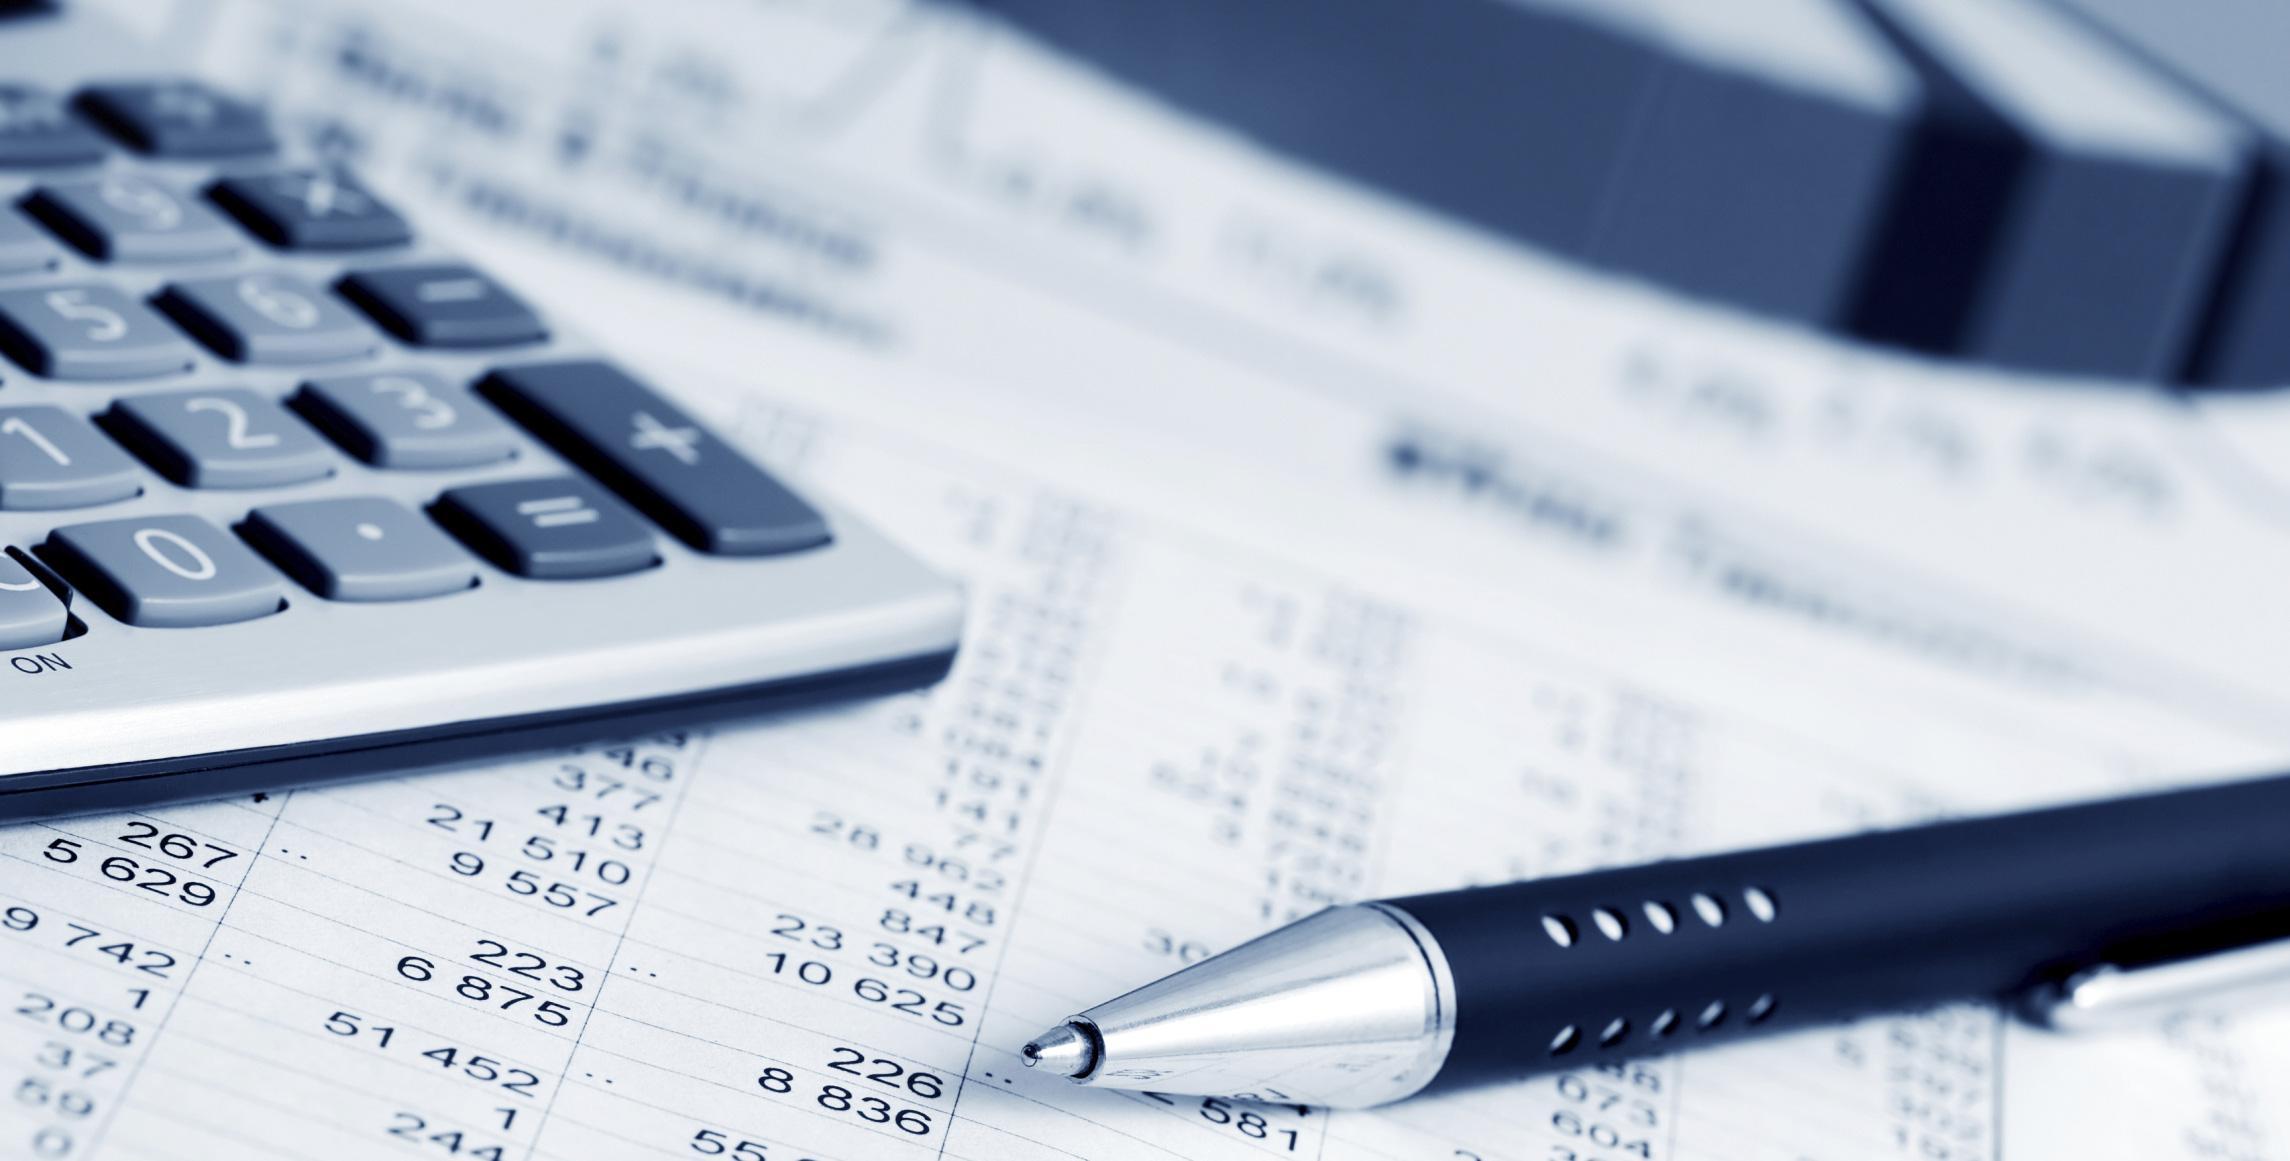 Comptabilité : quelles sont les formations que doit avoir suivi un comptable ?